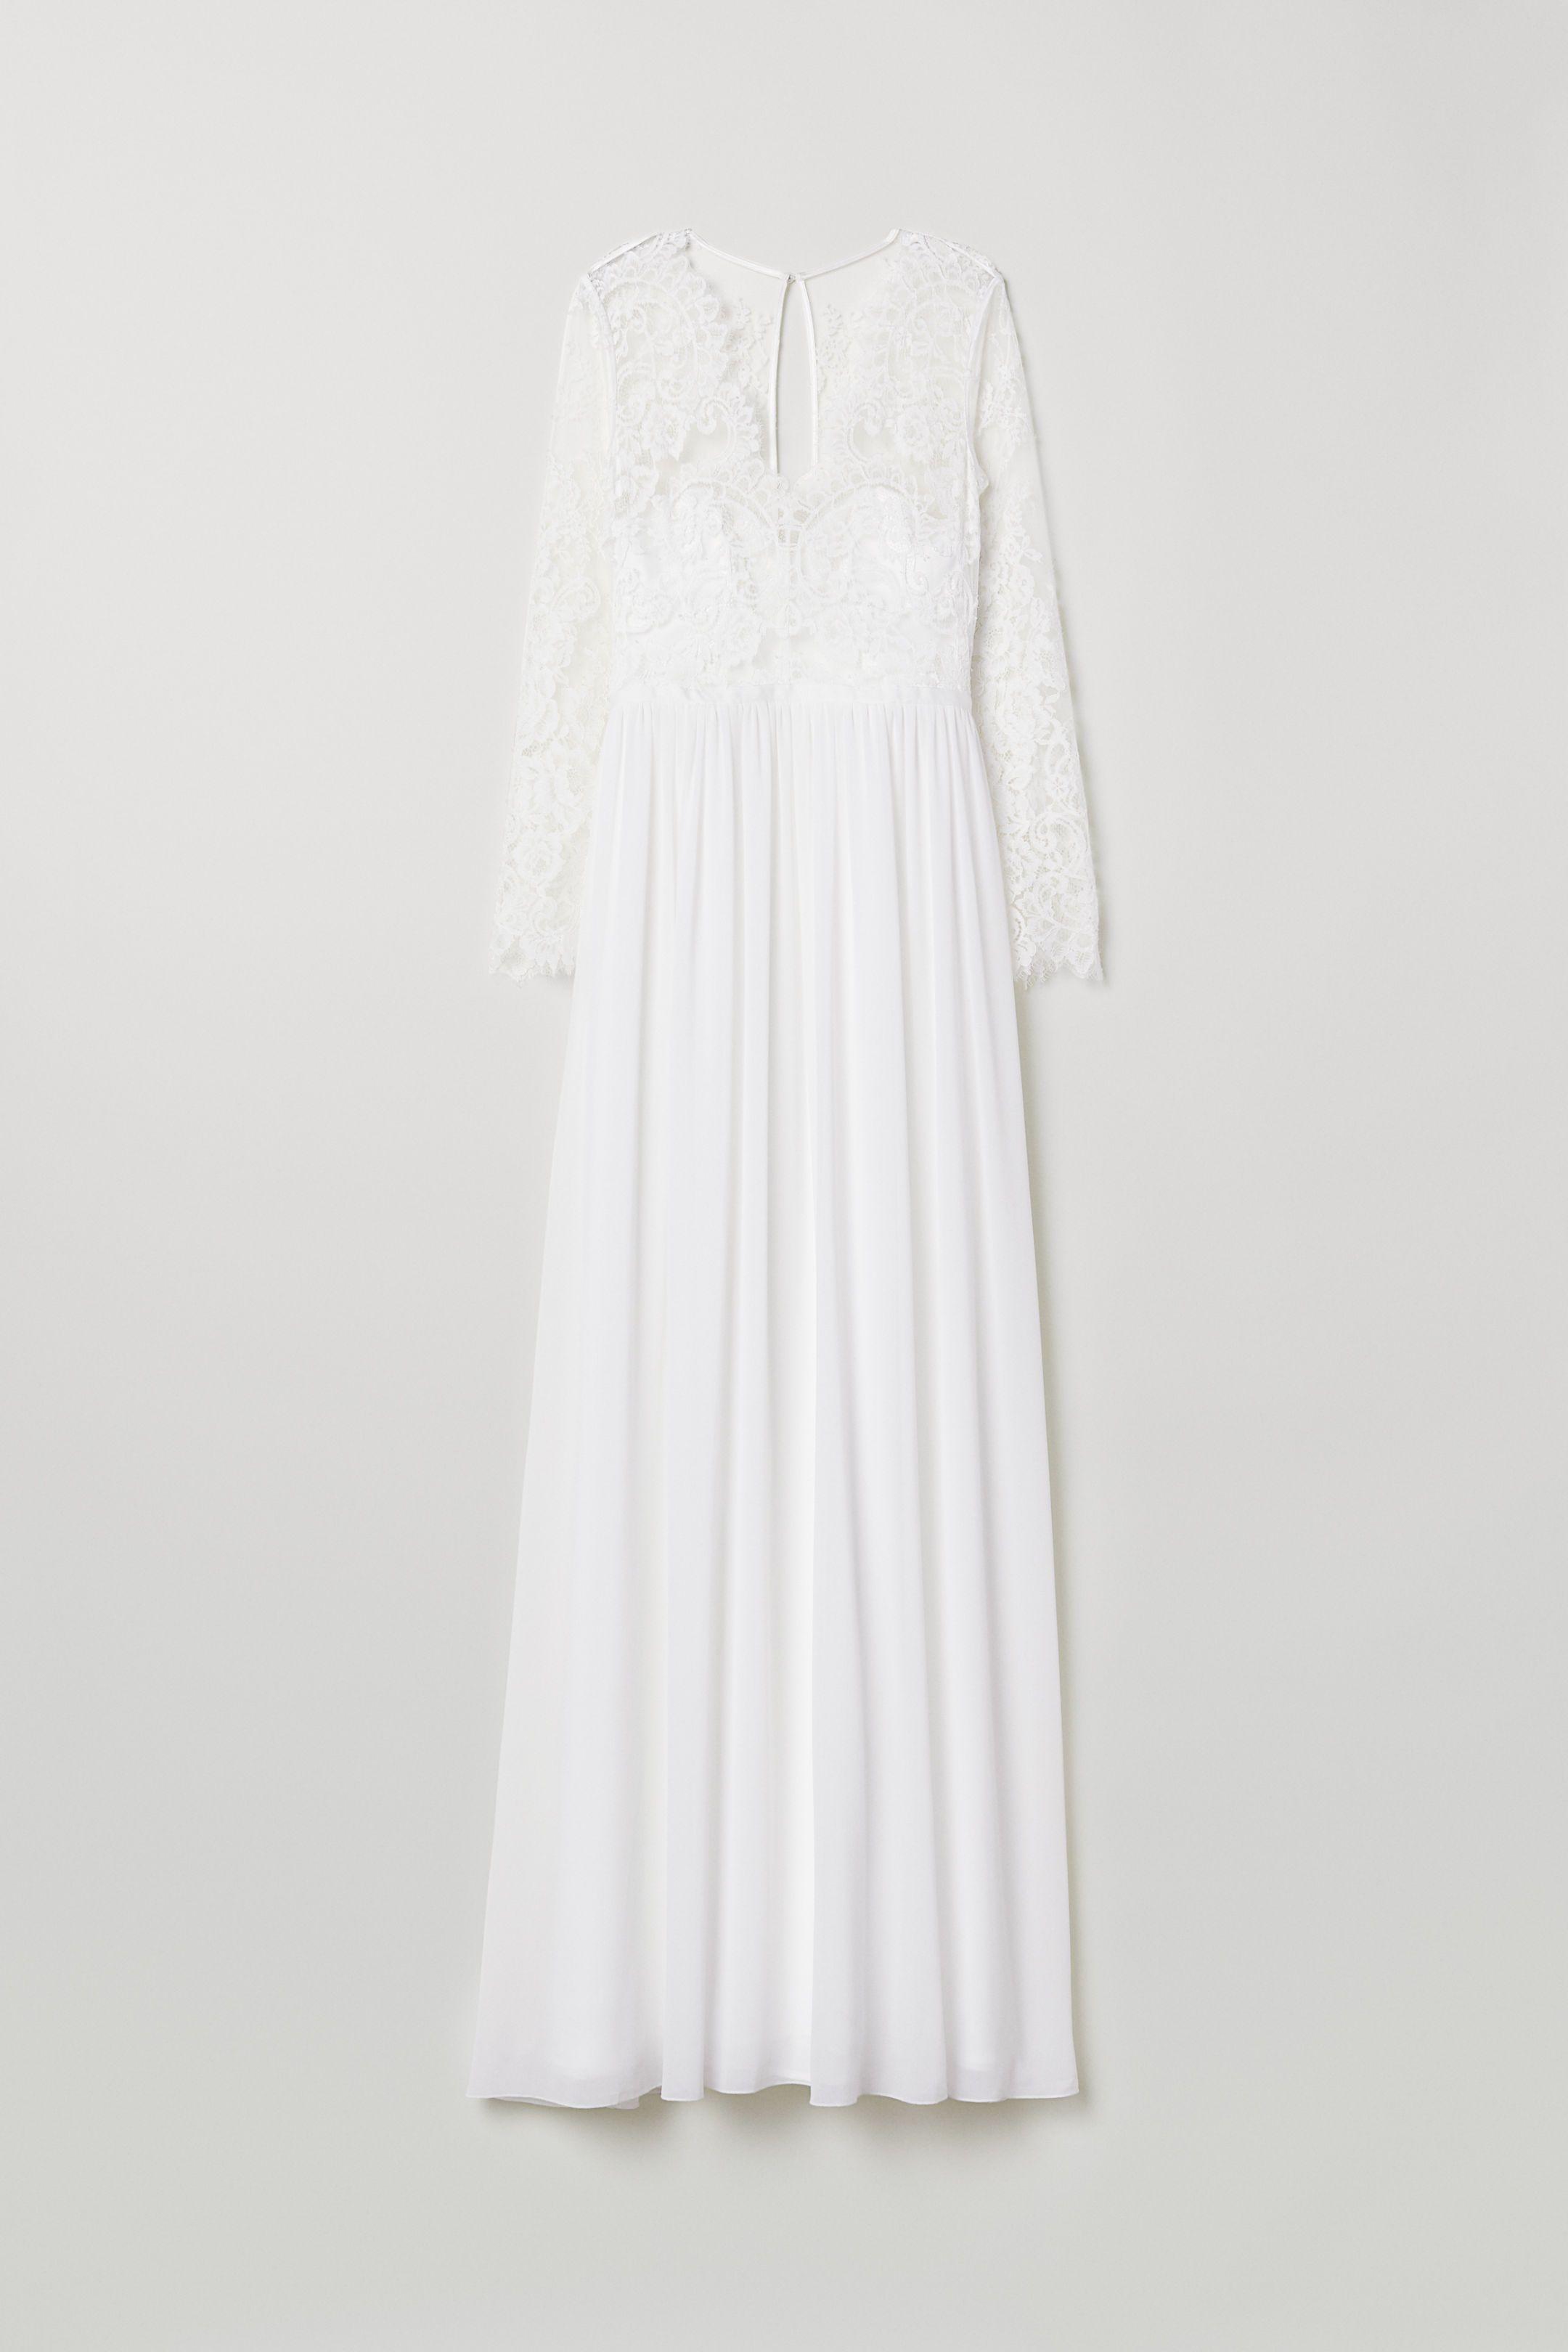 h&m brautkleid | weißes spitzenkleid, hochzeitskleid spitze